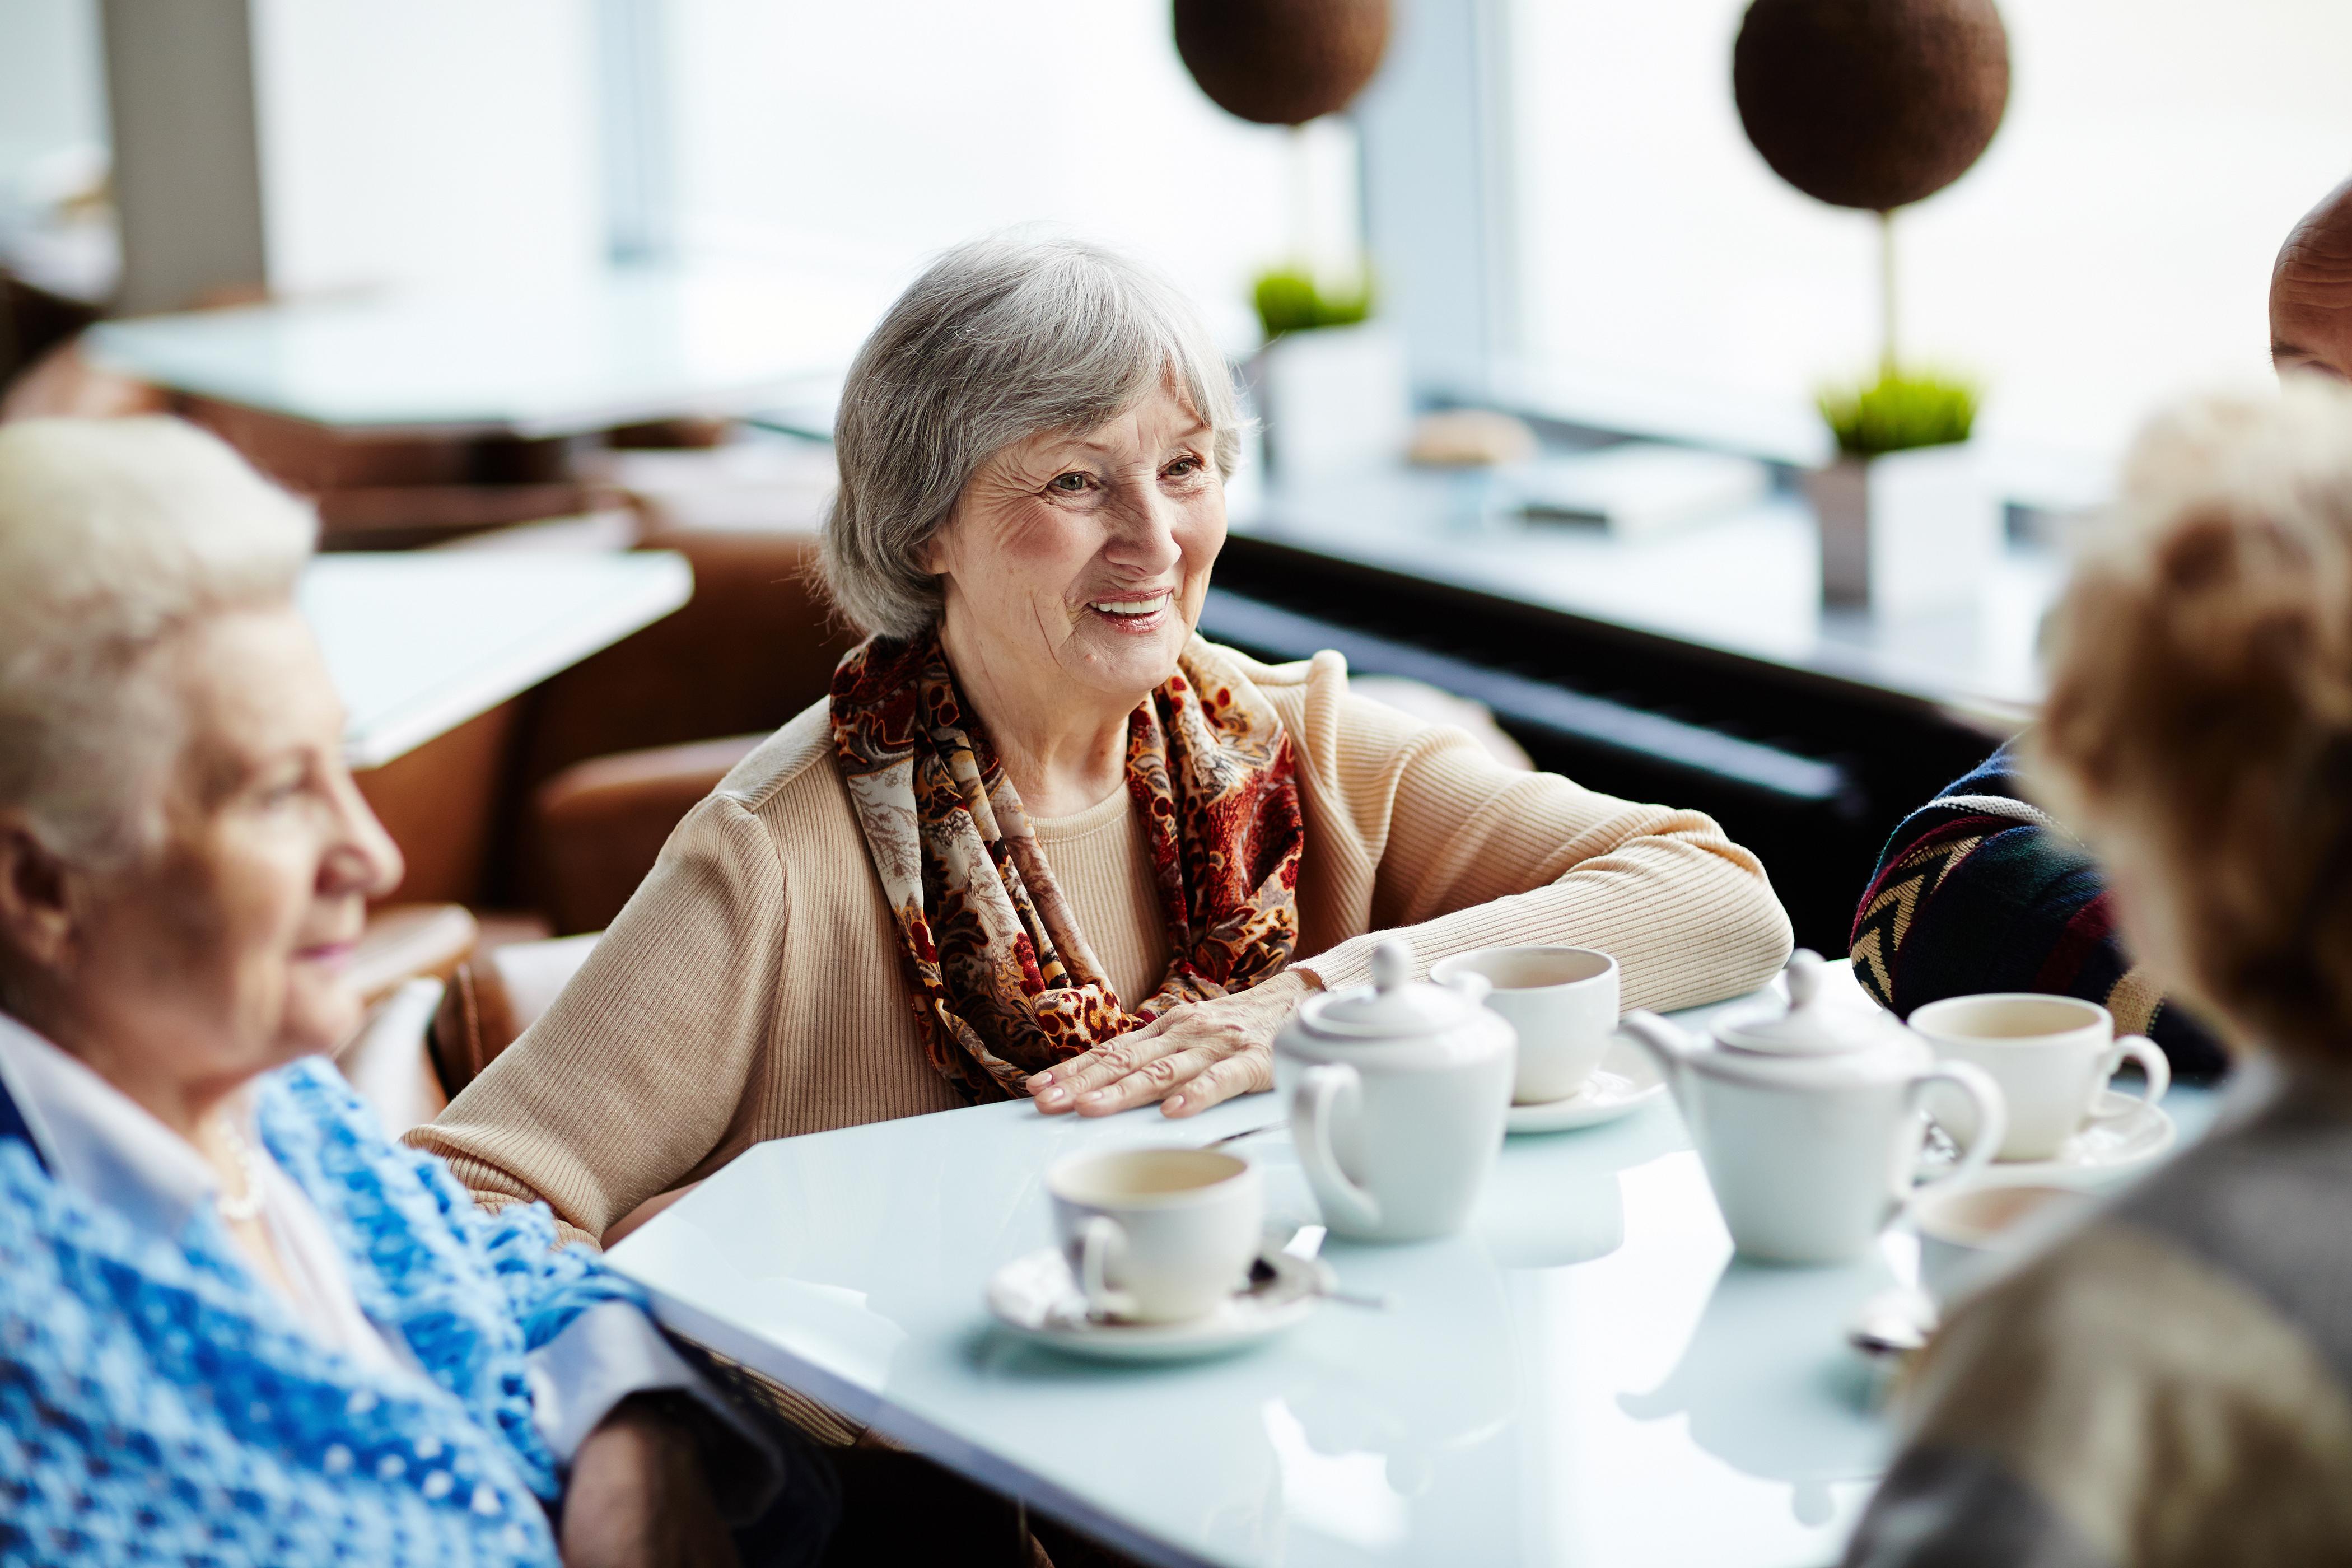 Forskarna bakom studien har jämfört förekomsten av demens år 2000 och 2012 bland fler än 21 000 personer med en genomstnittlig ålder på 75 år.